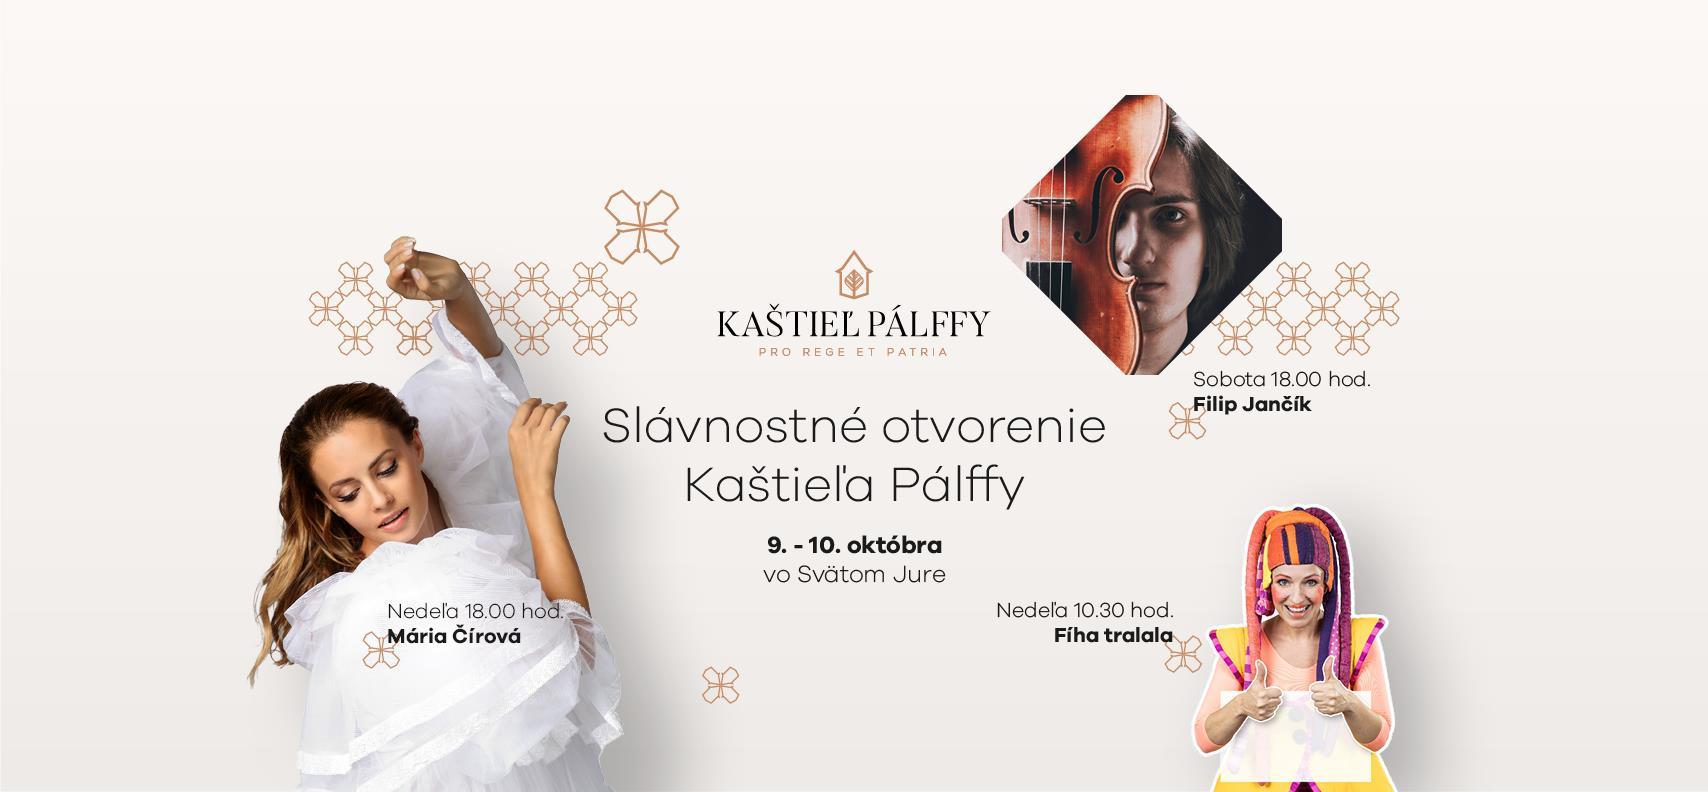 Slávnostné otvorenie Kaštieľa Pálffy - 9. a 10.10.2021, Svätý Jur